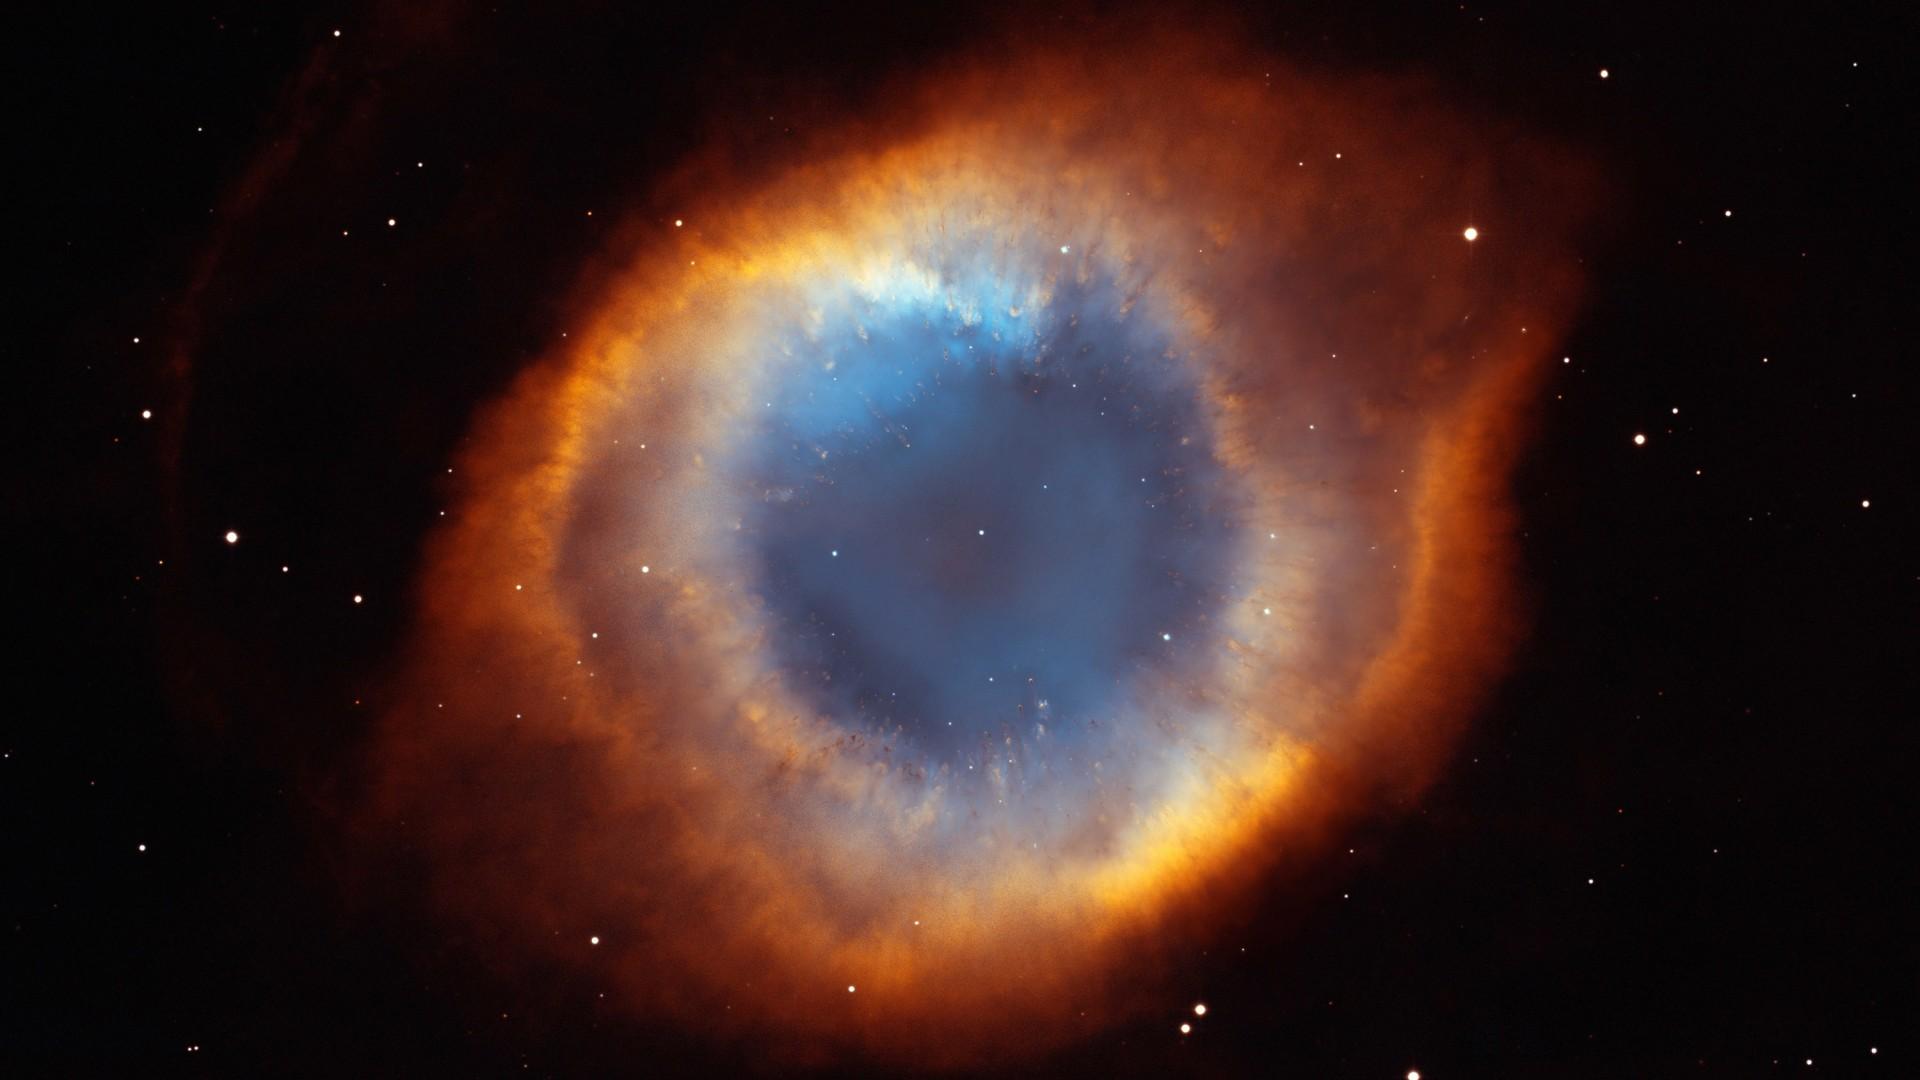 Nebula Wallpaper HD